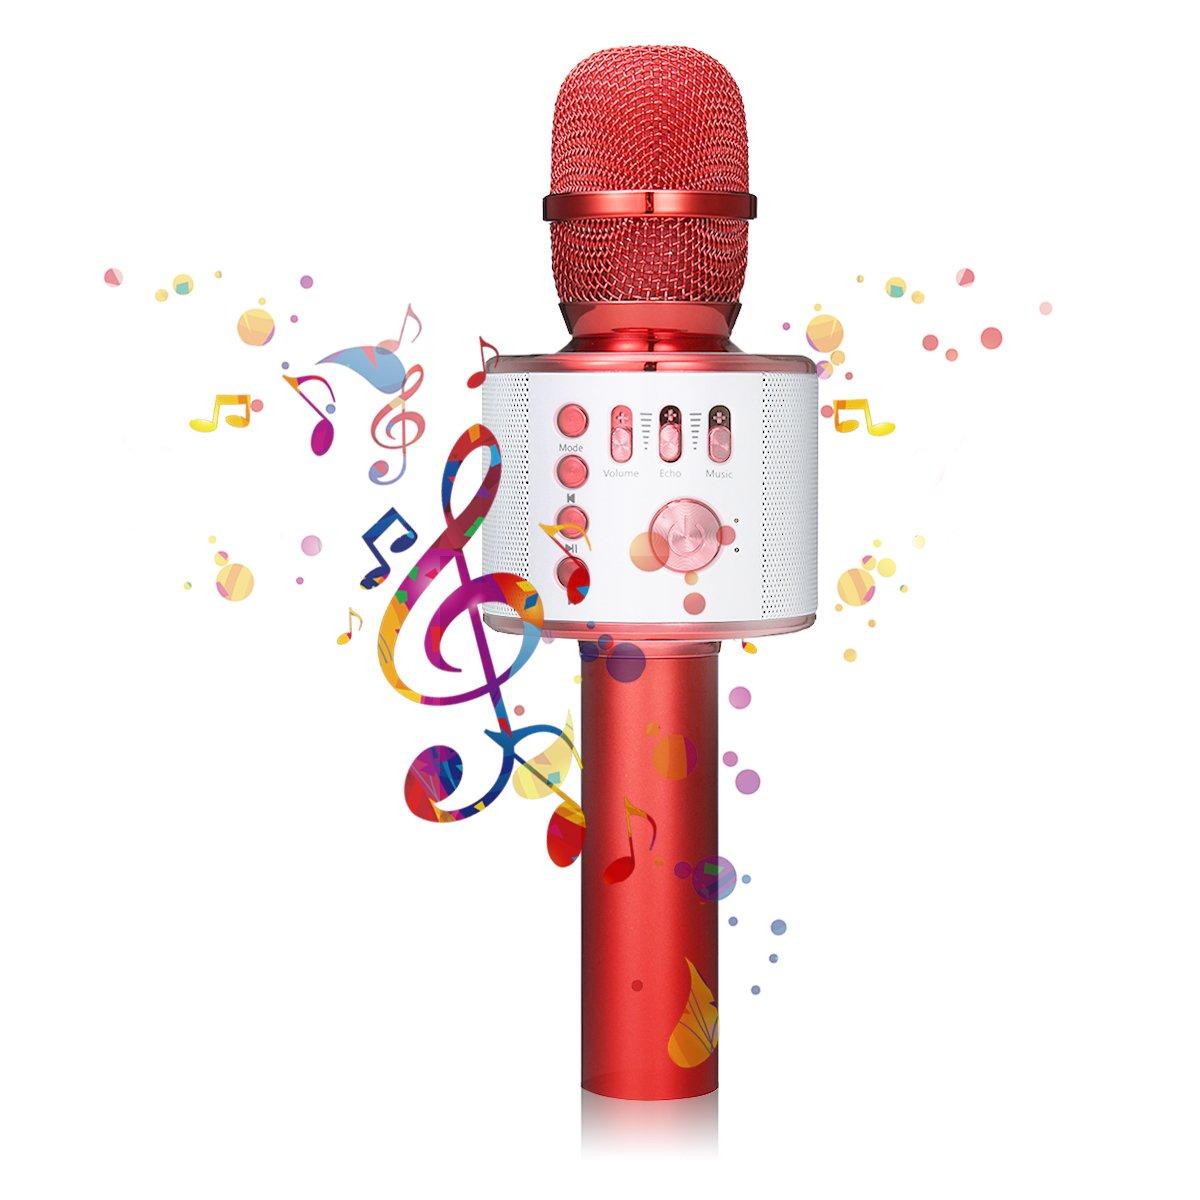 Bluetooth Karaoke Mikrofon, NASUM,tragbare drahtlose Mikrofon mit Lautsprecher für Erwachsene und Kinder für Sprach- und Gesangsaufnahmen,kompatibel mit Android /IOS, PC oder Alle Smartphone NASUMyrkxzoked29